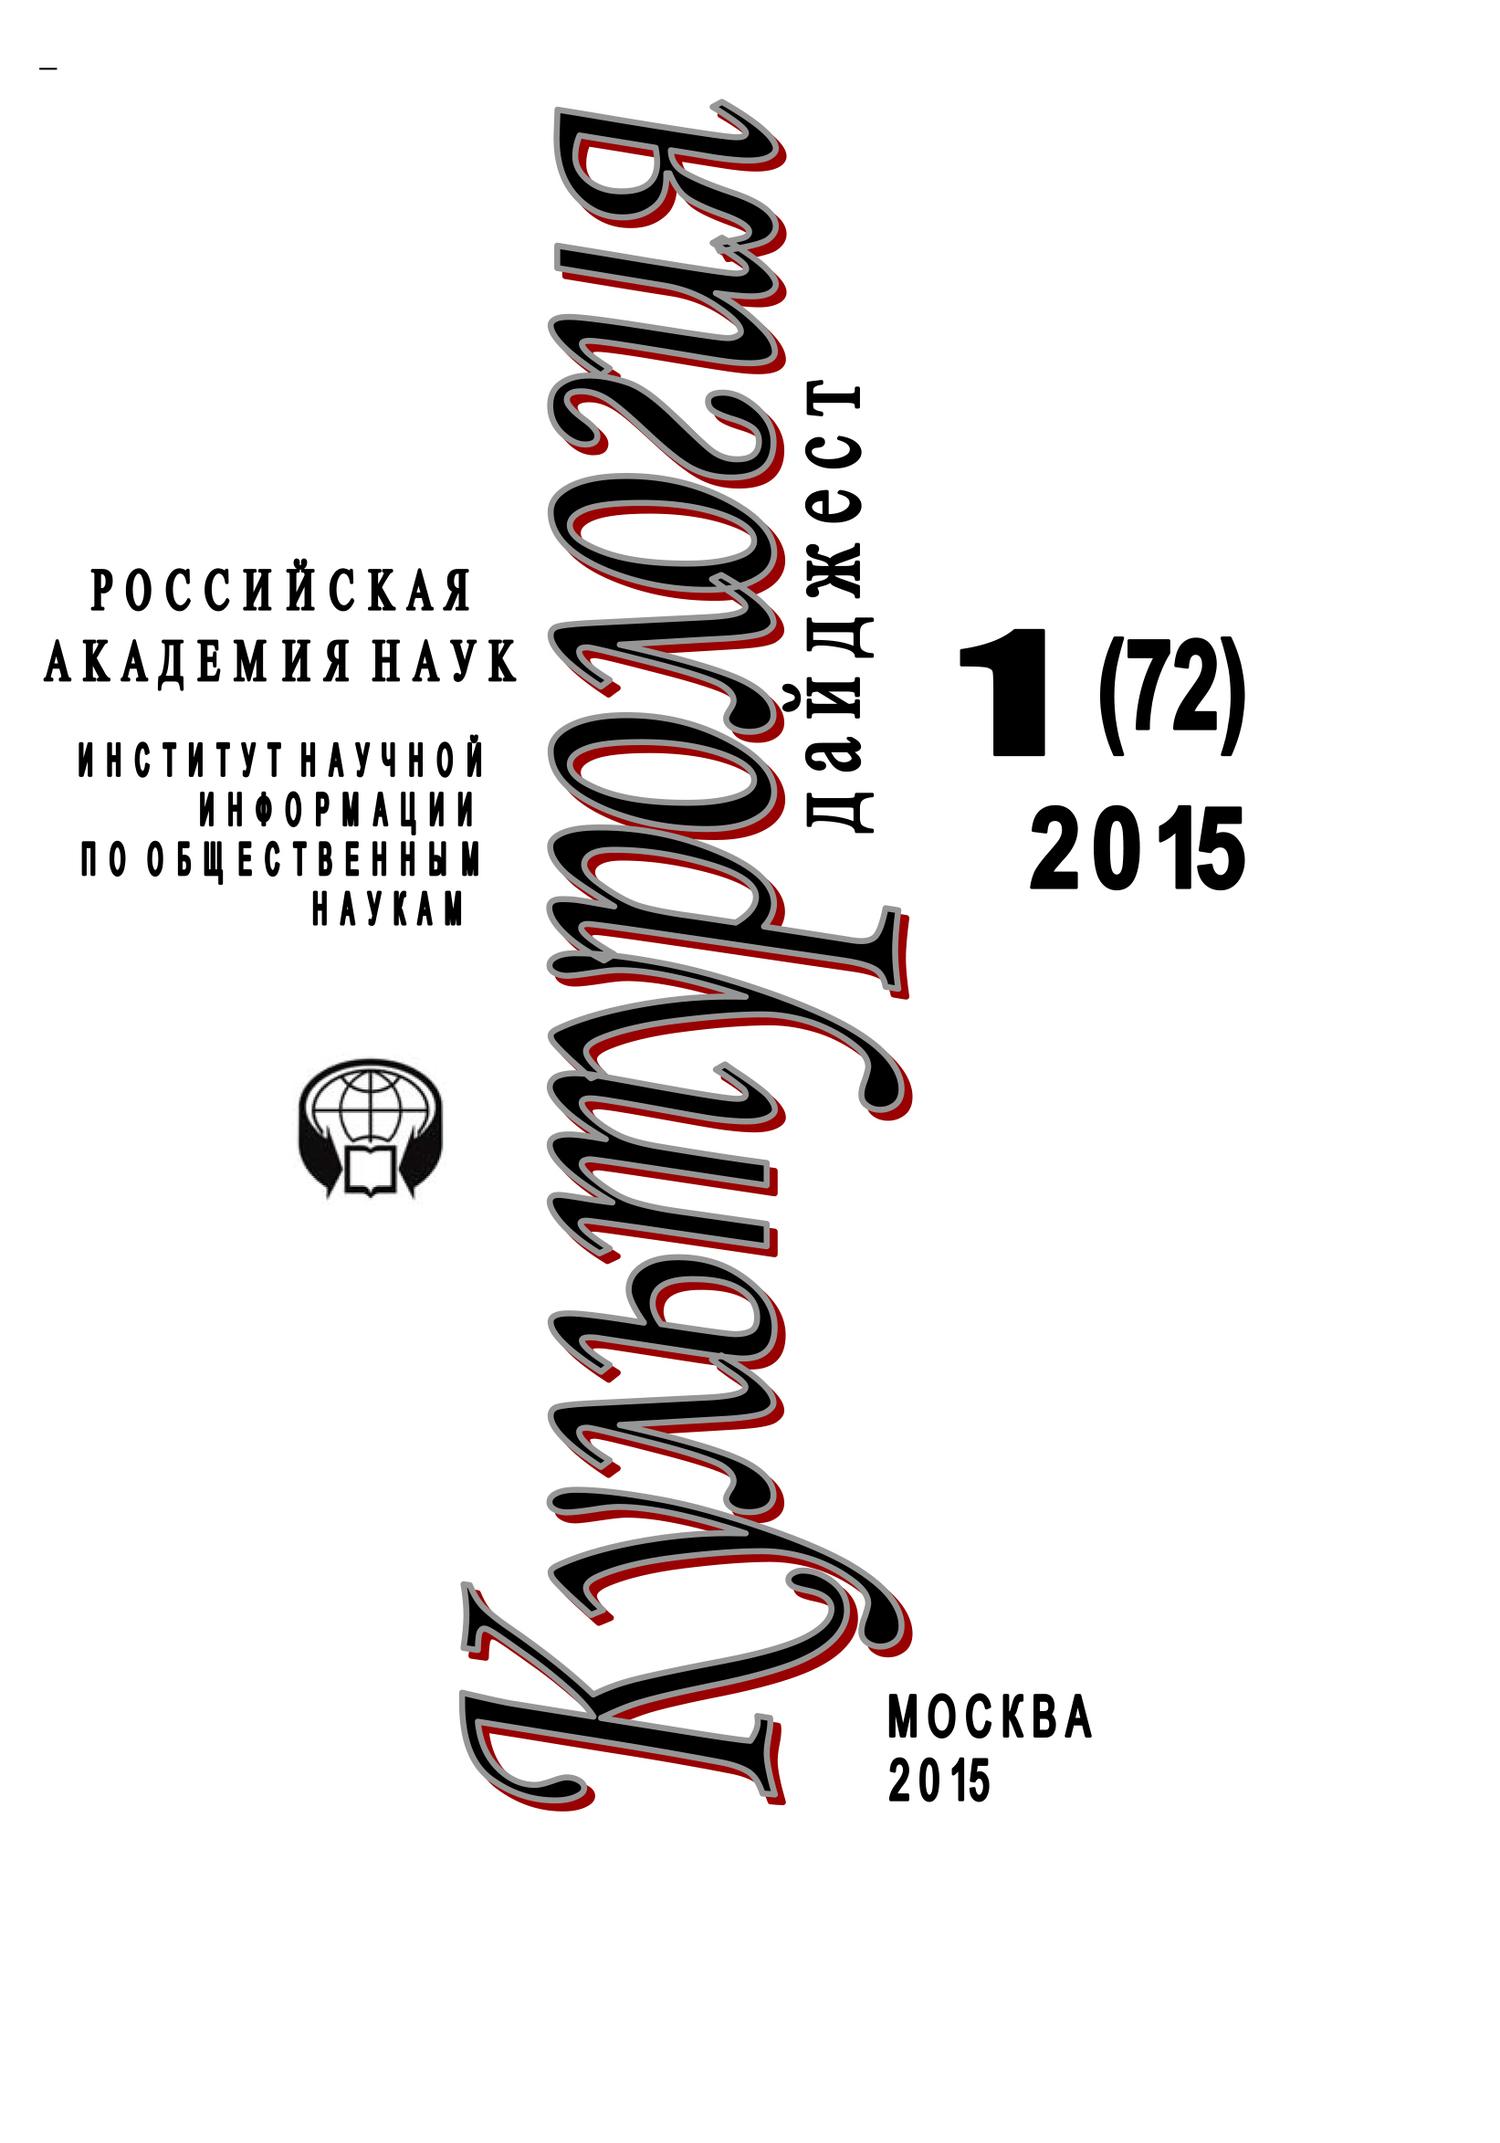 Ирина Галинская - Культурология. Дайджест №1 / 2015